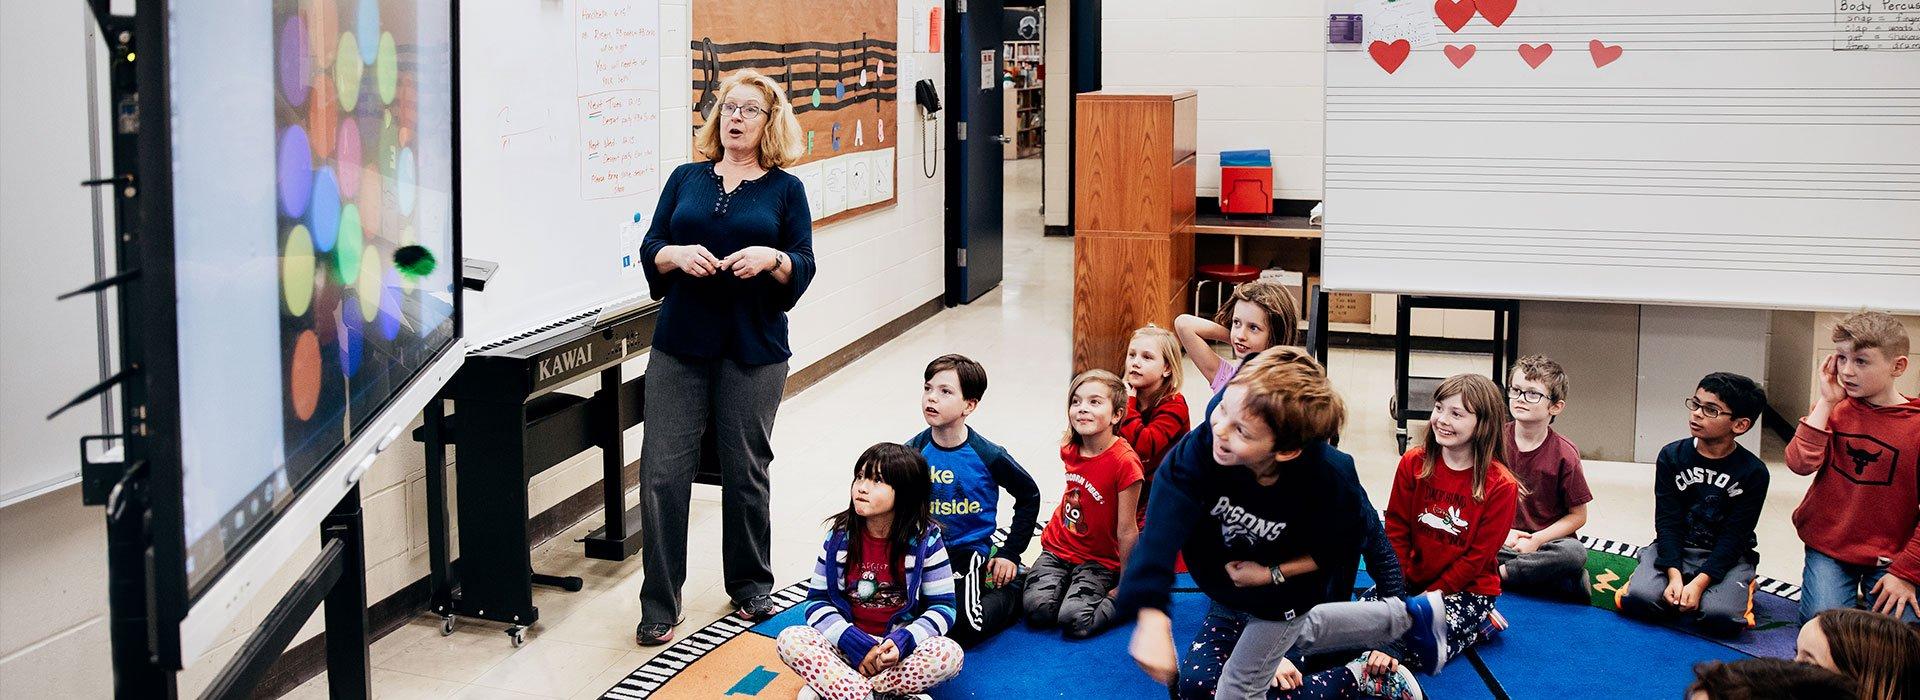 Interaktive-skoleskjermer-klasserom-interaktiv-undervisning